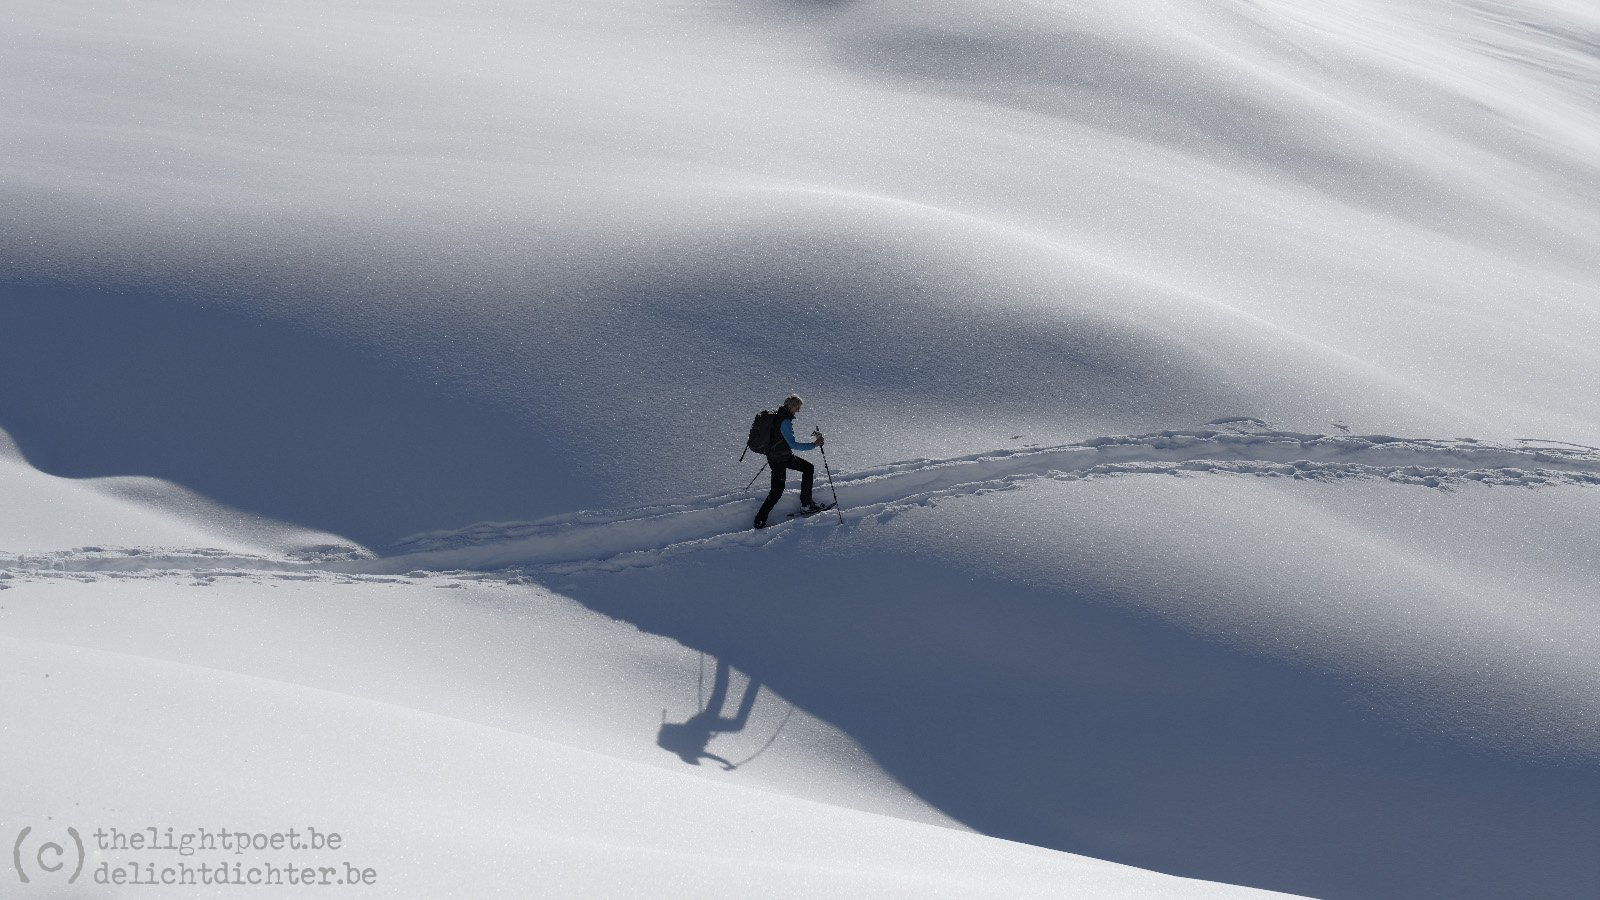 Sneeuwschoenen (Stubaital), februari 2019